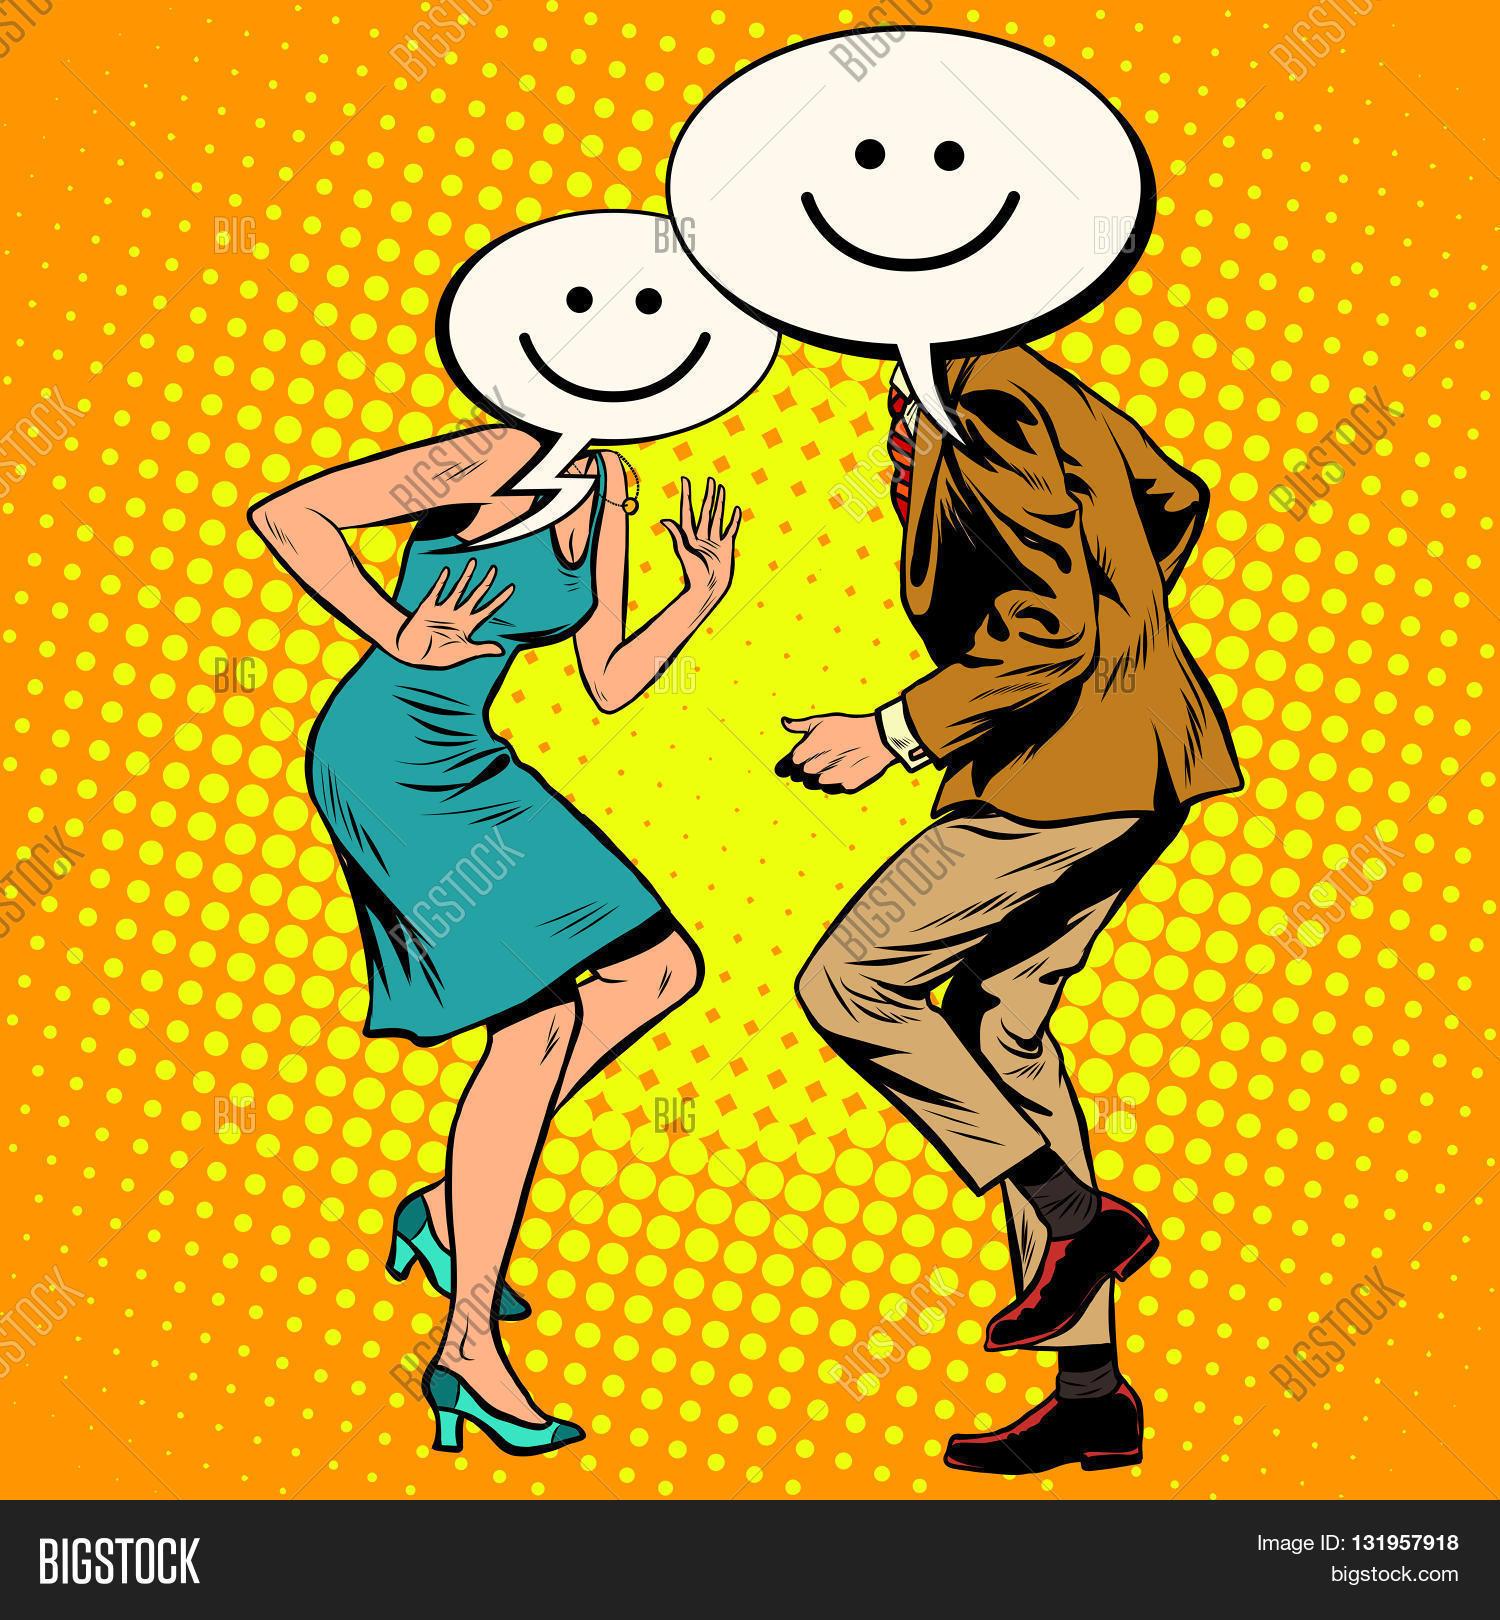 comic smiley emoji vector